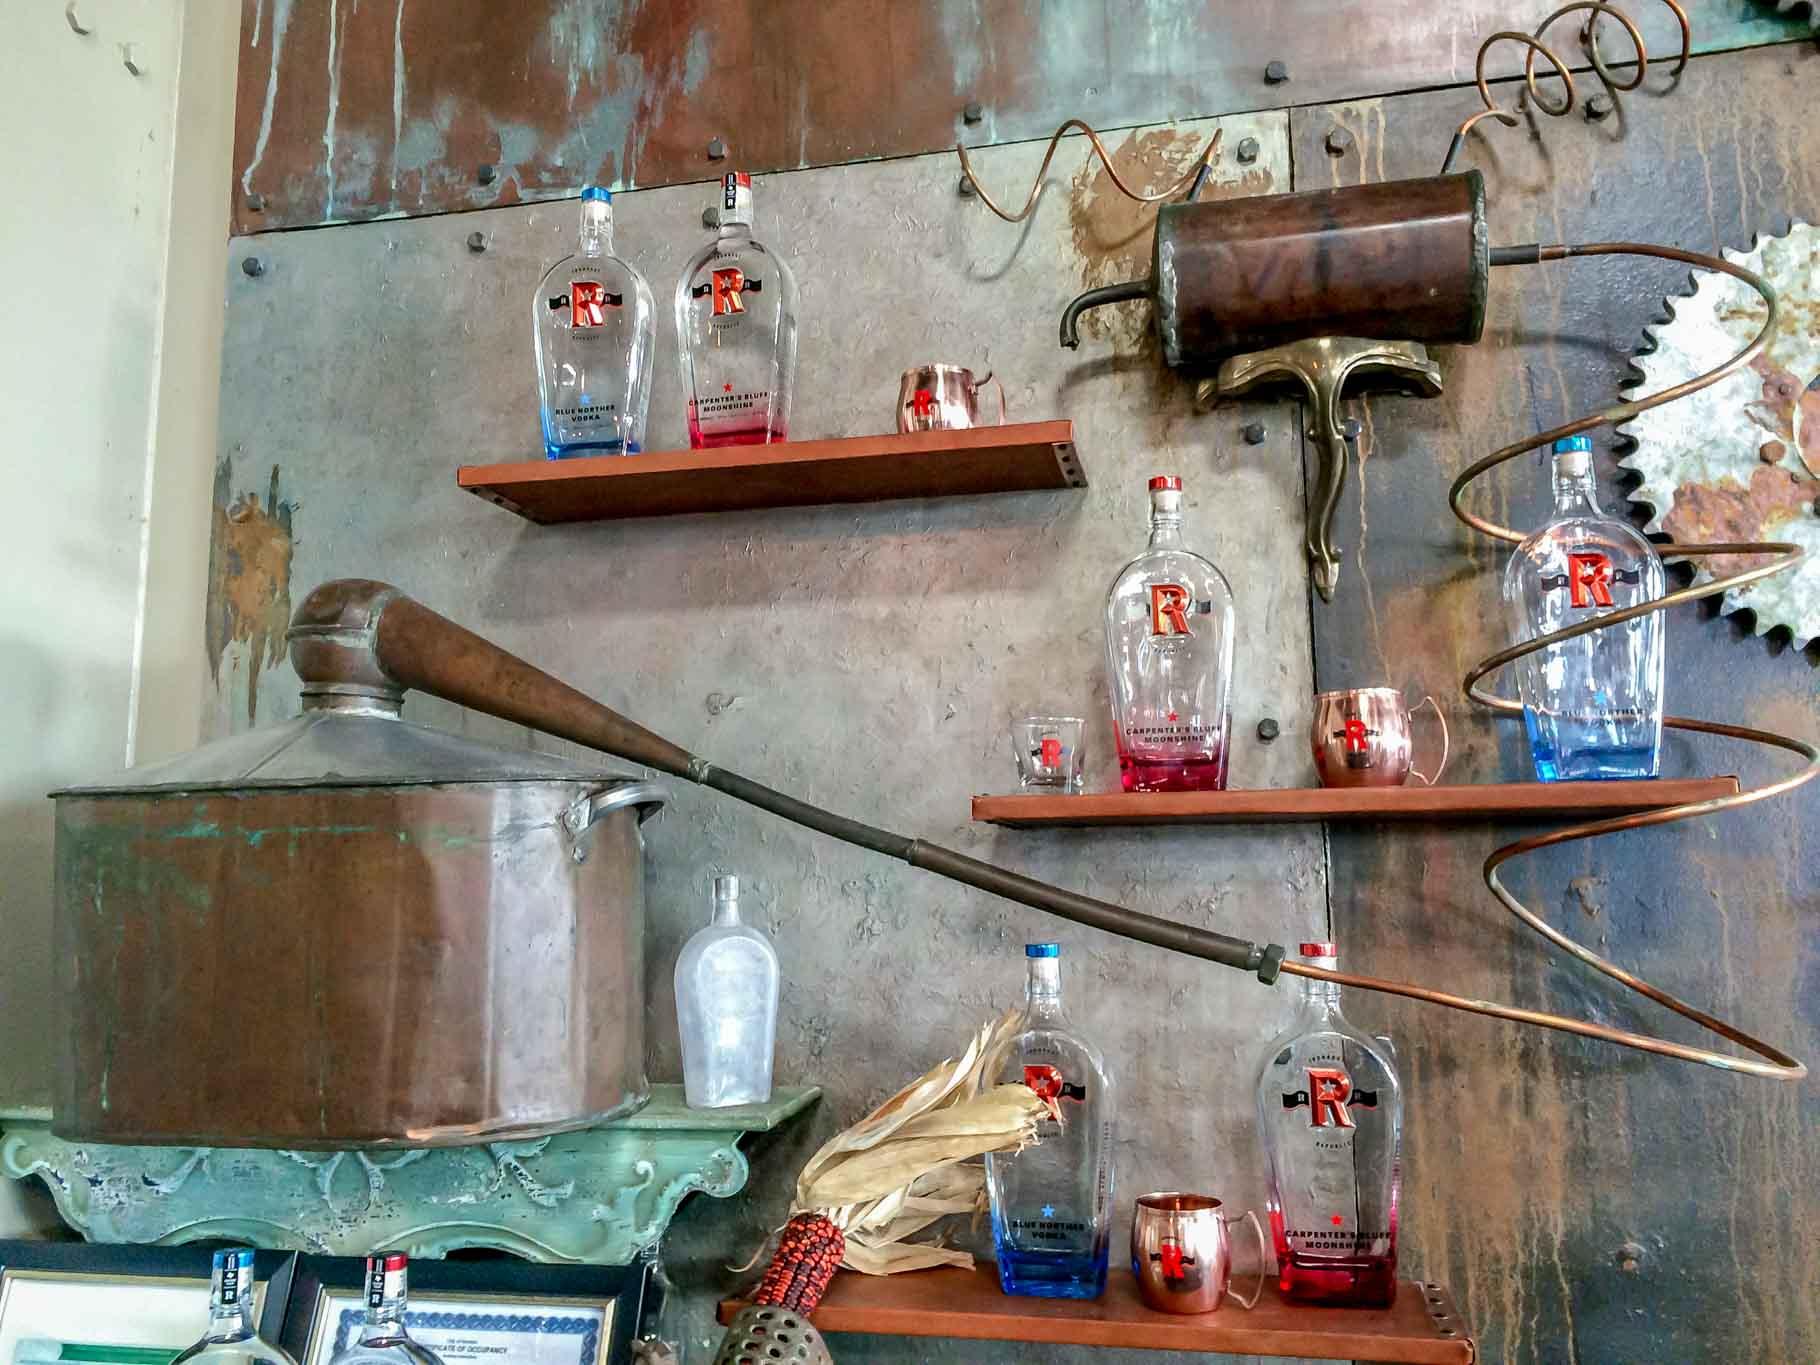 Moonshine and vodka bottles on shelves